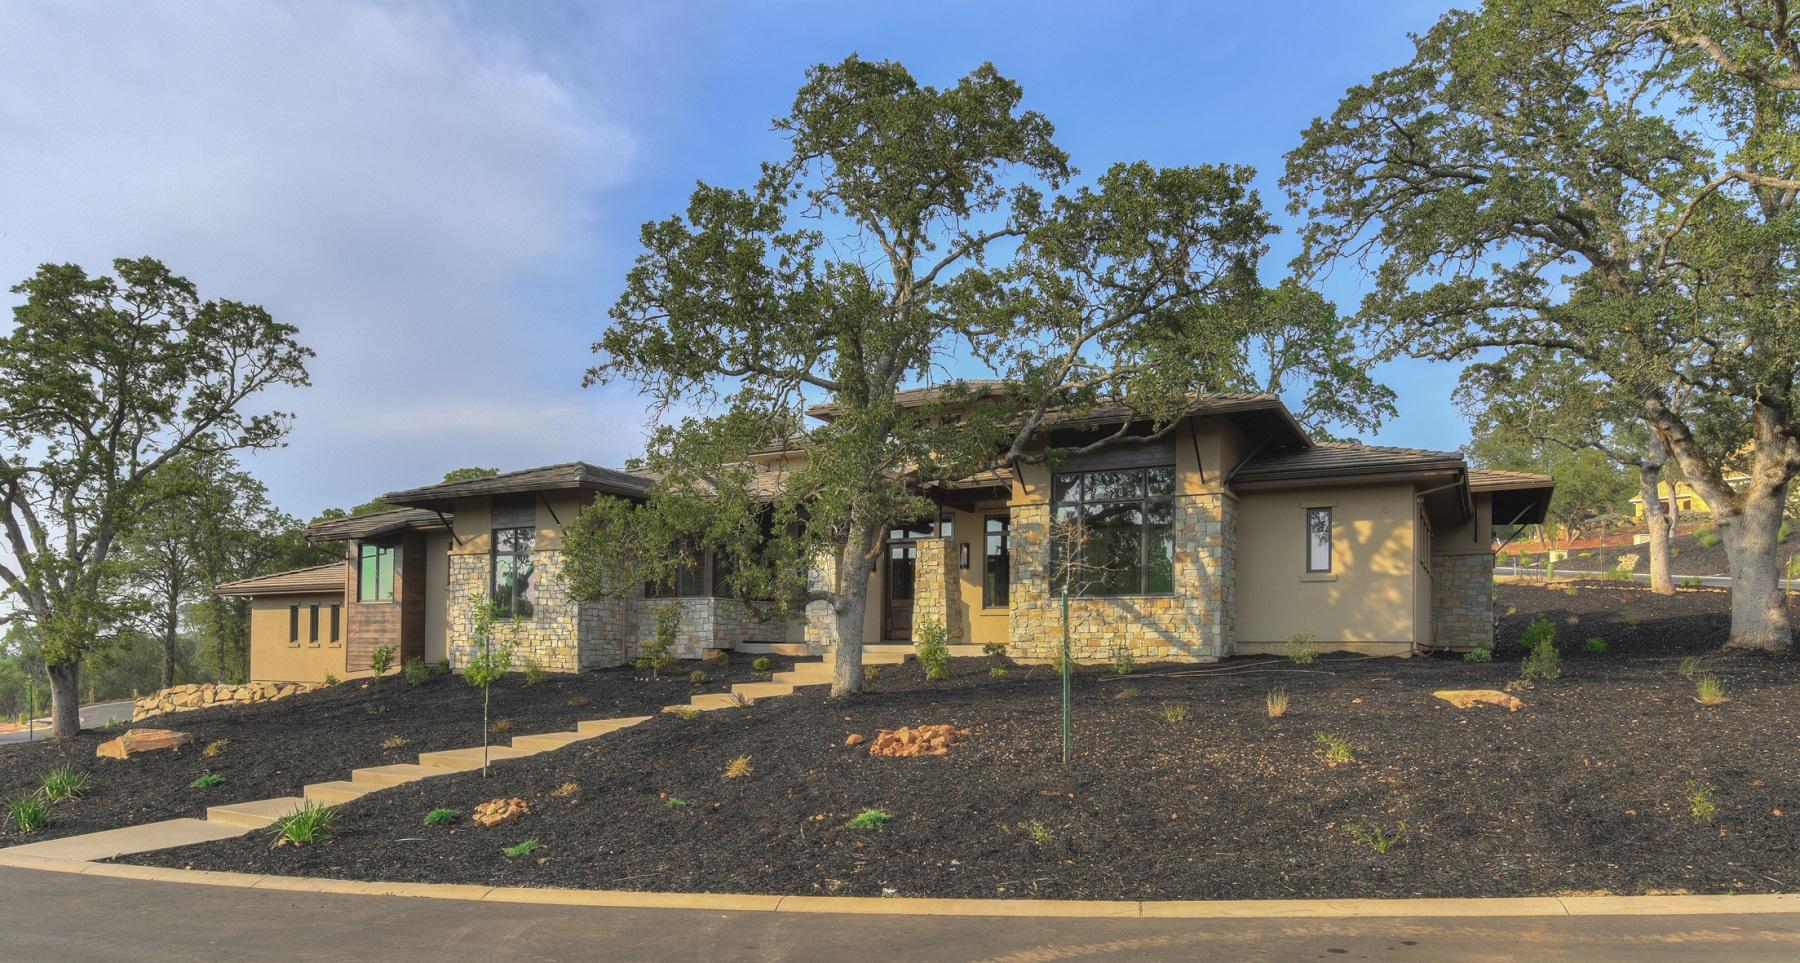 独户住宅 为 销售 在 719 Da Vinci Ct, El Dorado Hills, CA 95762 El Dorado Hills, 加利福尼亚州 95762 美国